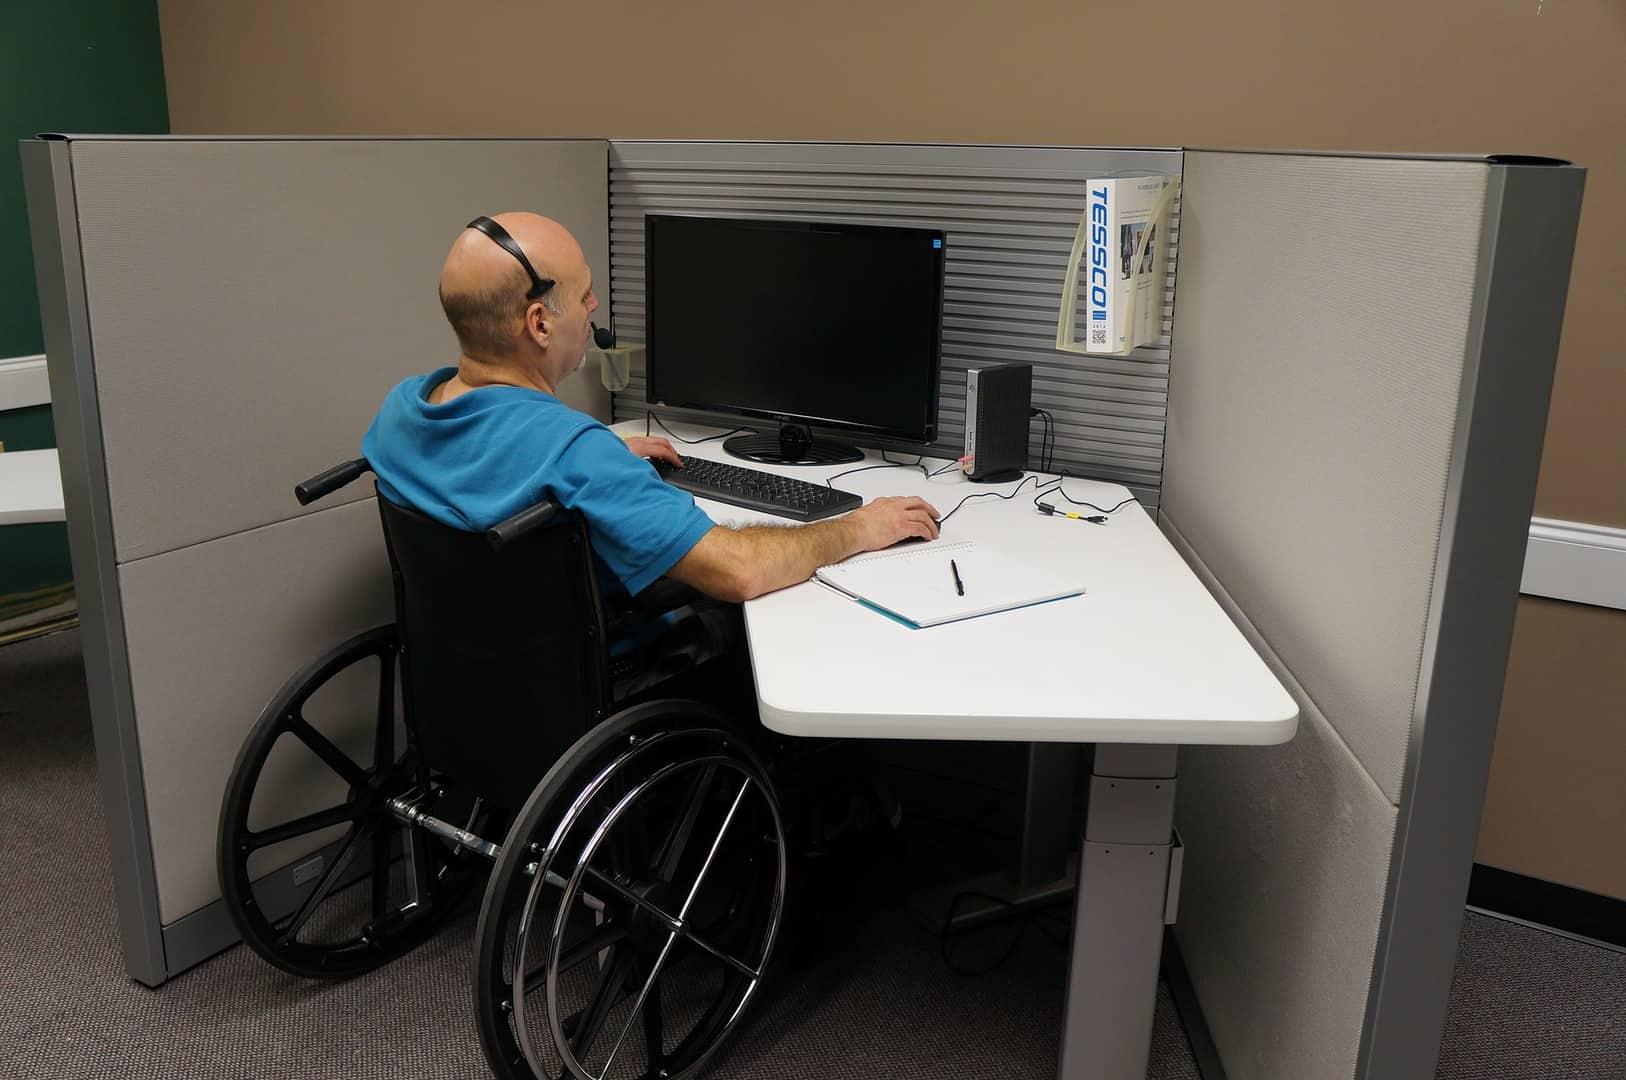 Niepełnosprawny pracownik – o czym musi pamiętać pracodawca?